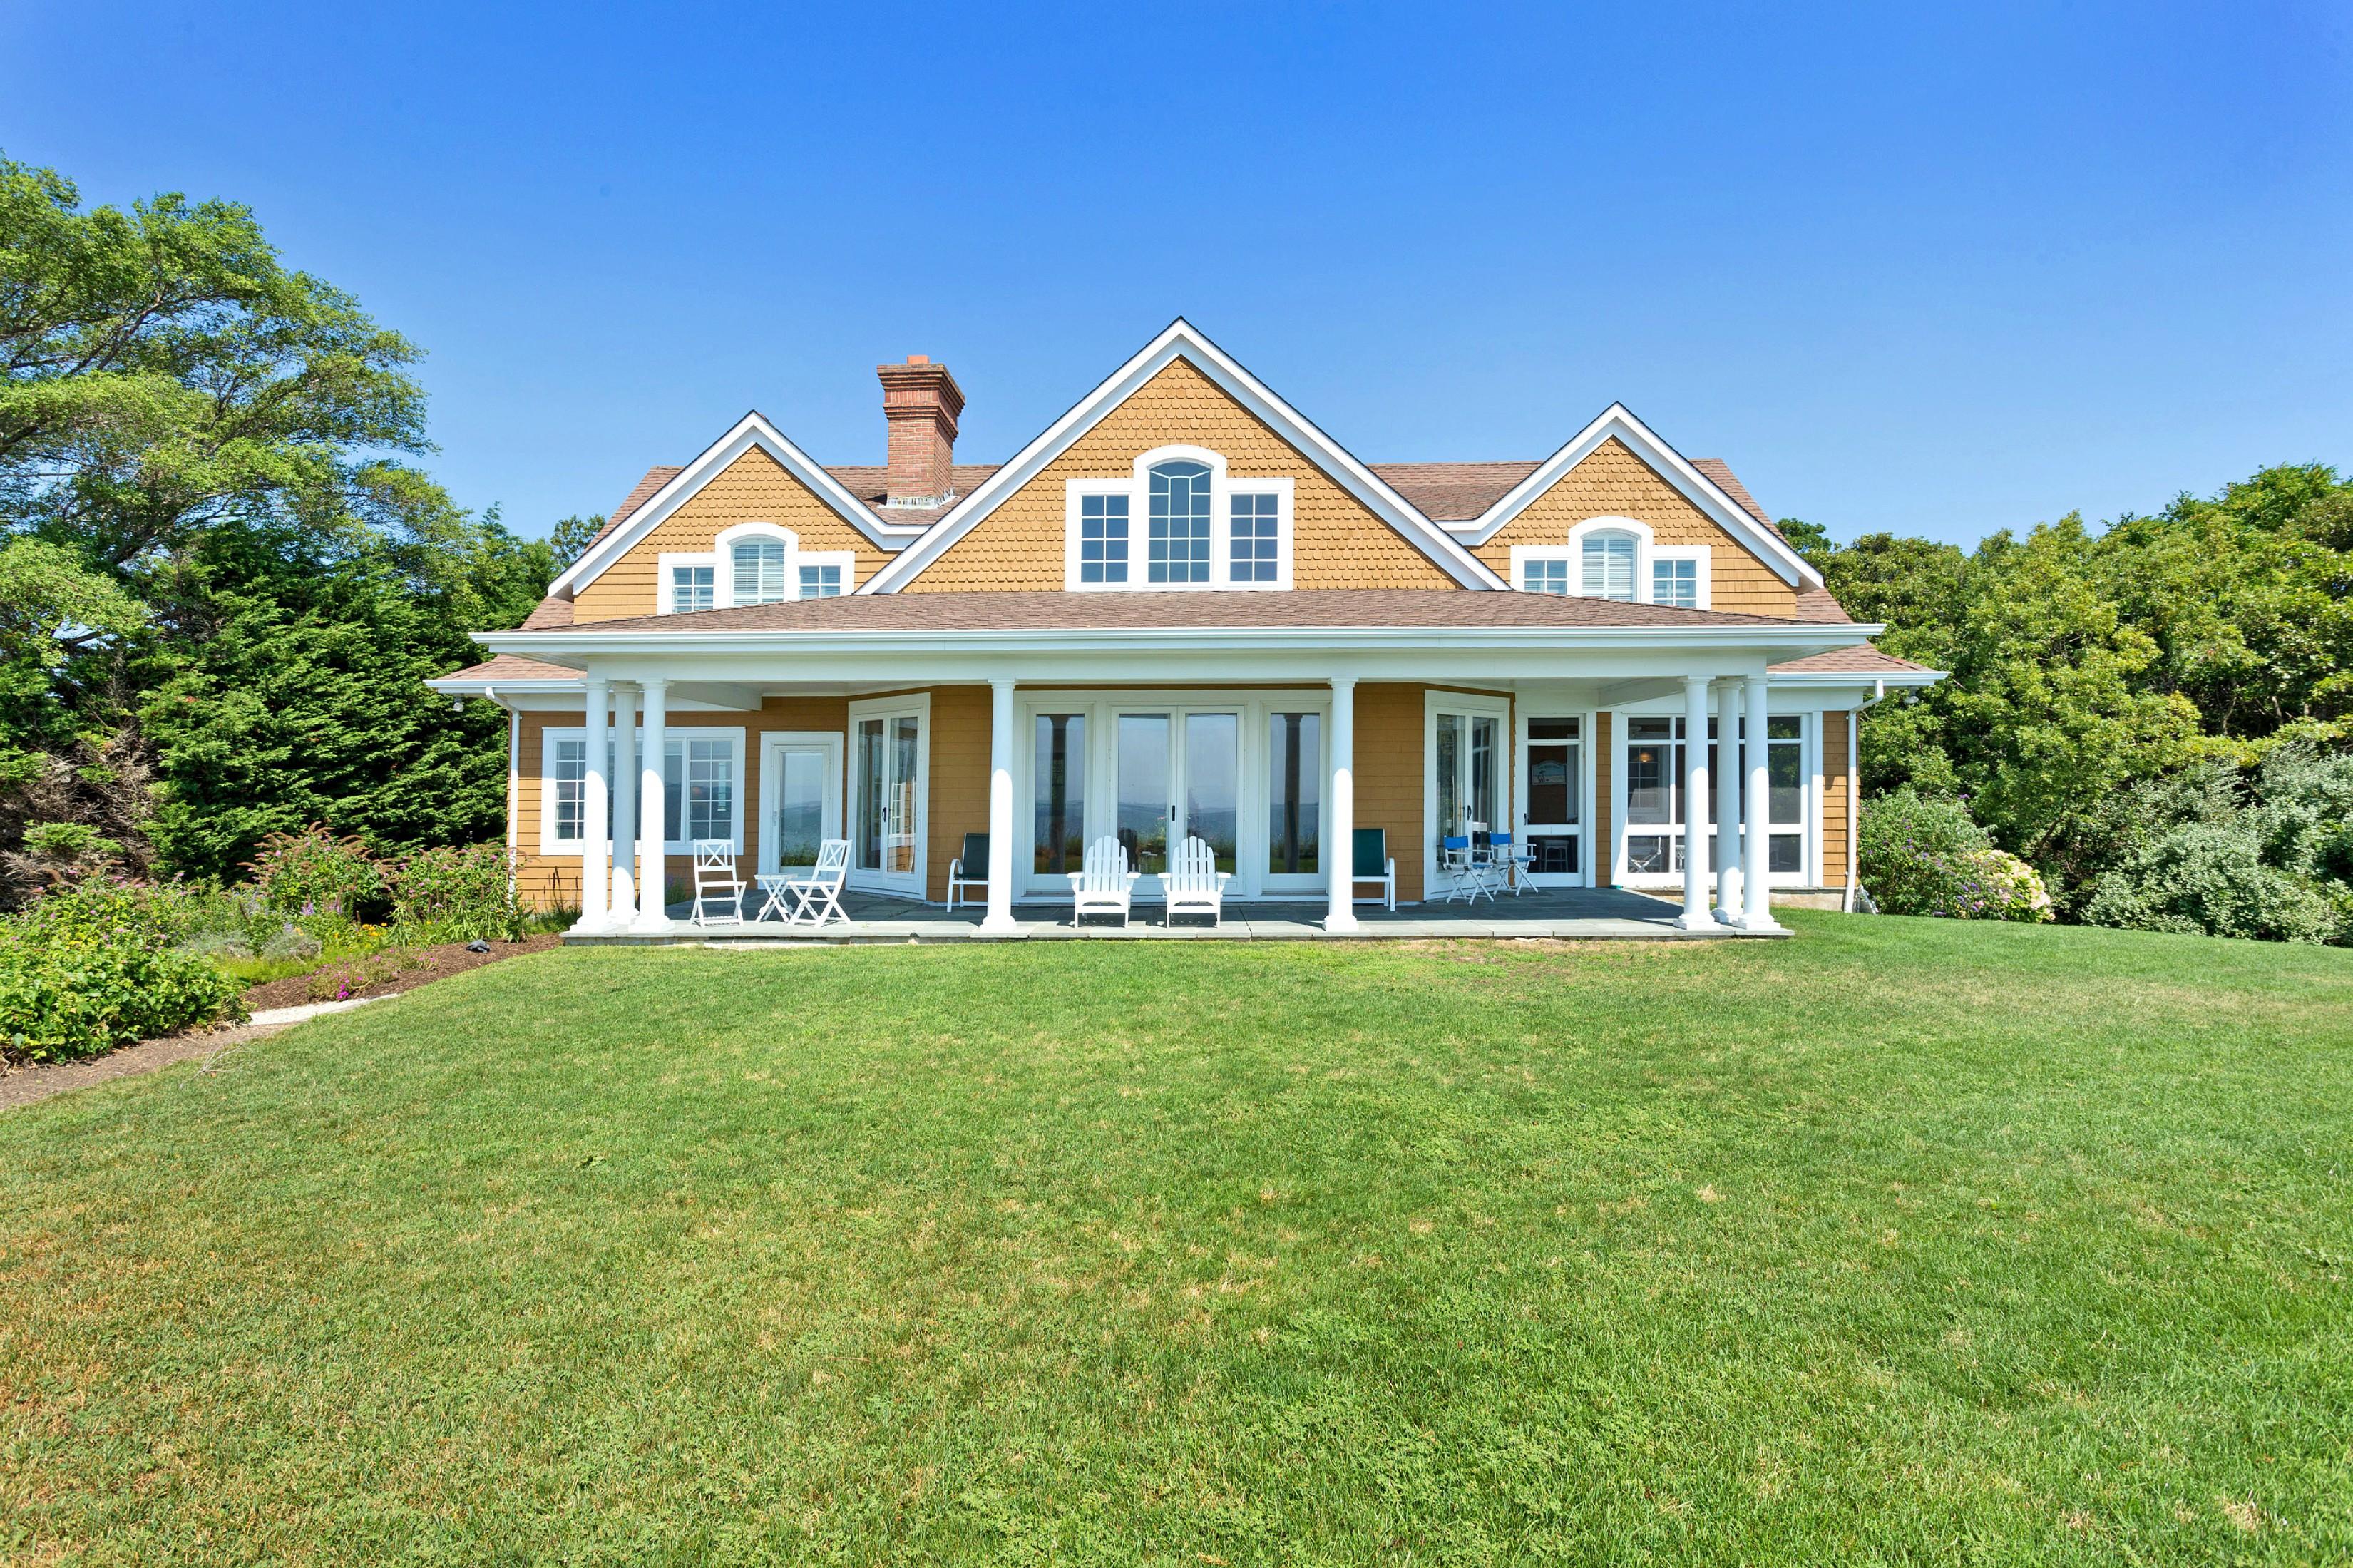 Casa para uma família para Venda às Colonial 905 Willis Creek Dr Mattituck, Nova York 11952 Estados Unidos